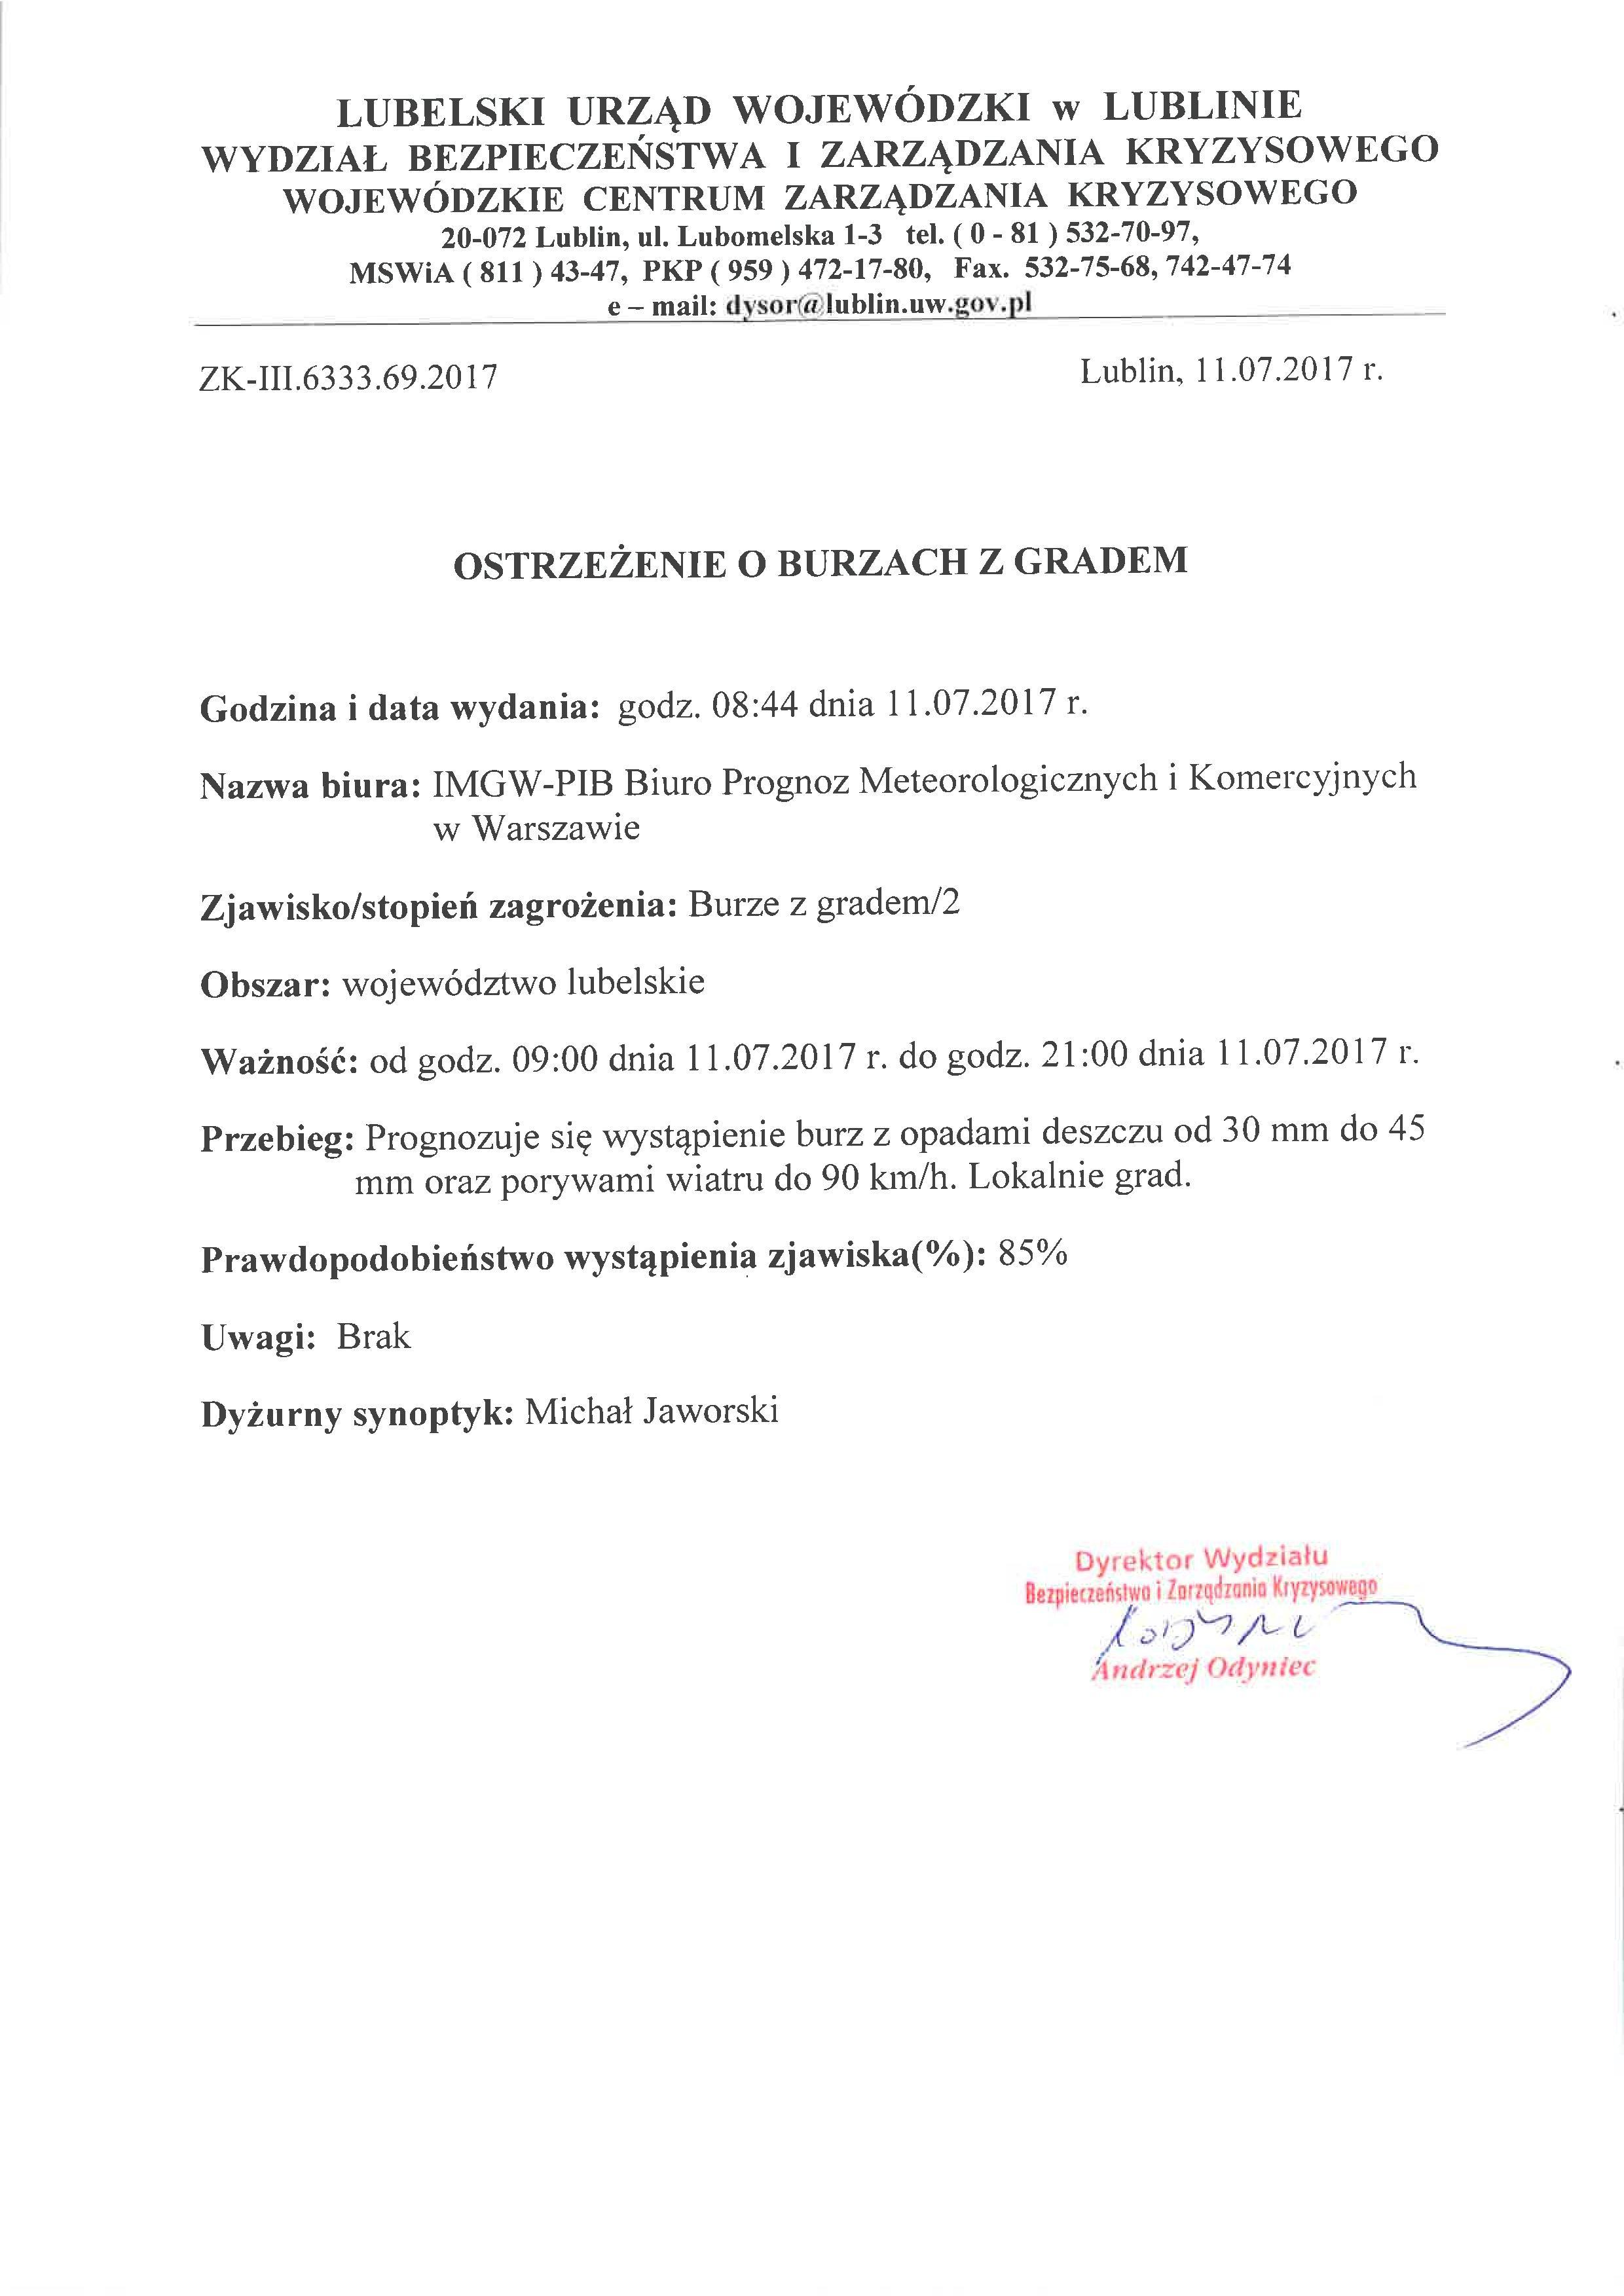 Ostrzeżenie o burzach z gradem 11.07.2017r